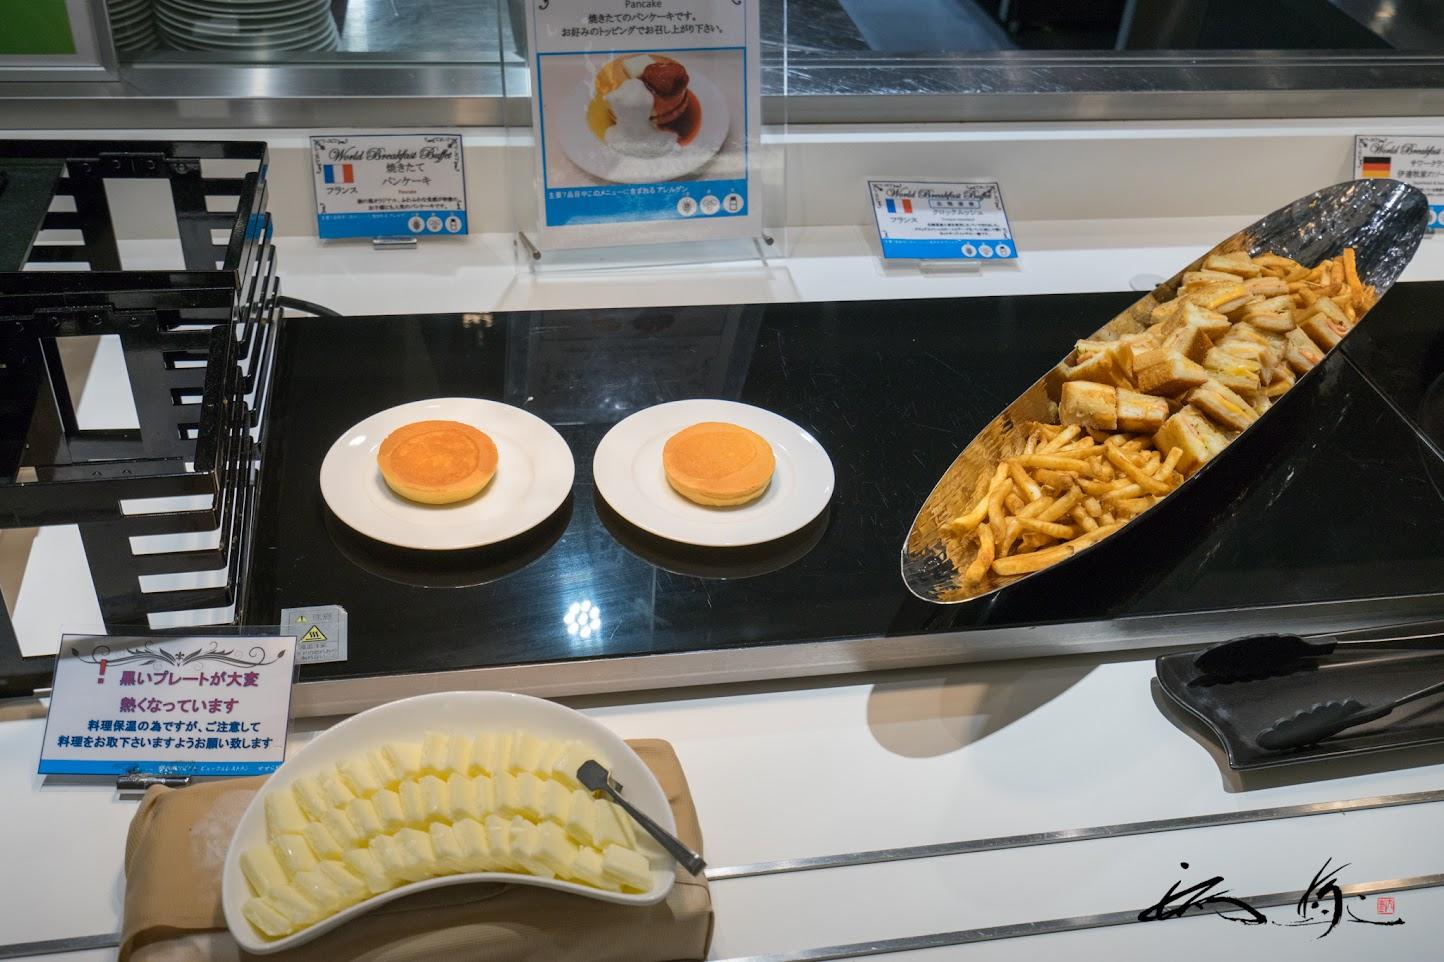 焼きたてパンケーキ(フランス)、クロックムッシュ(フランス)